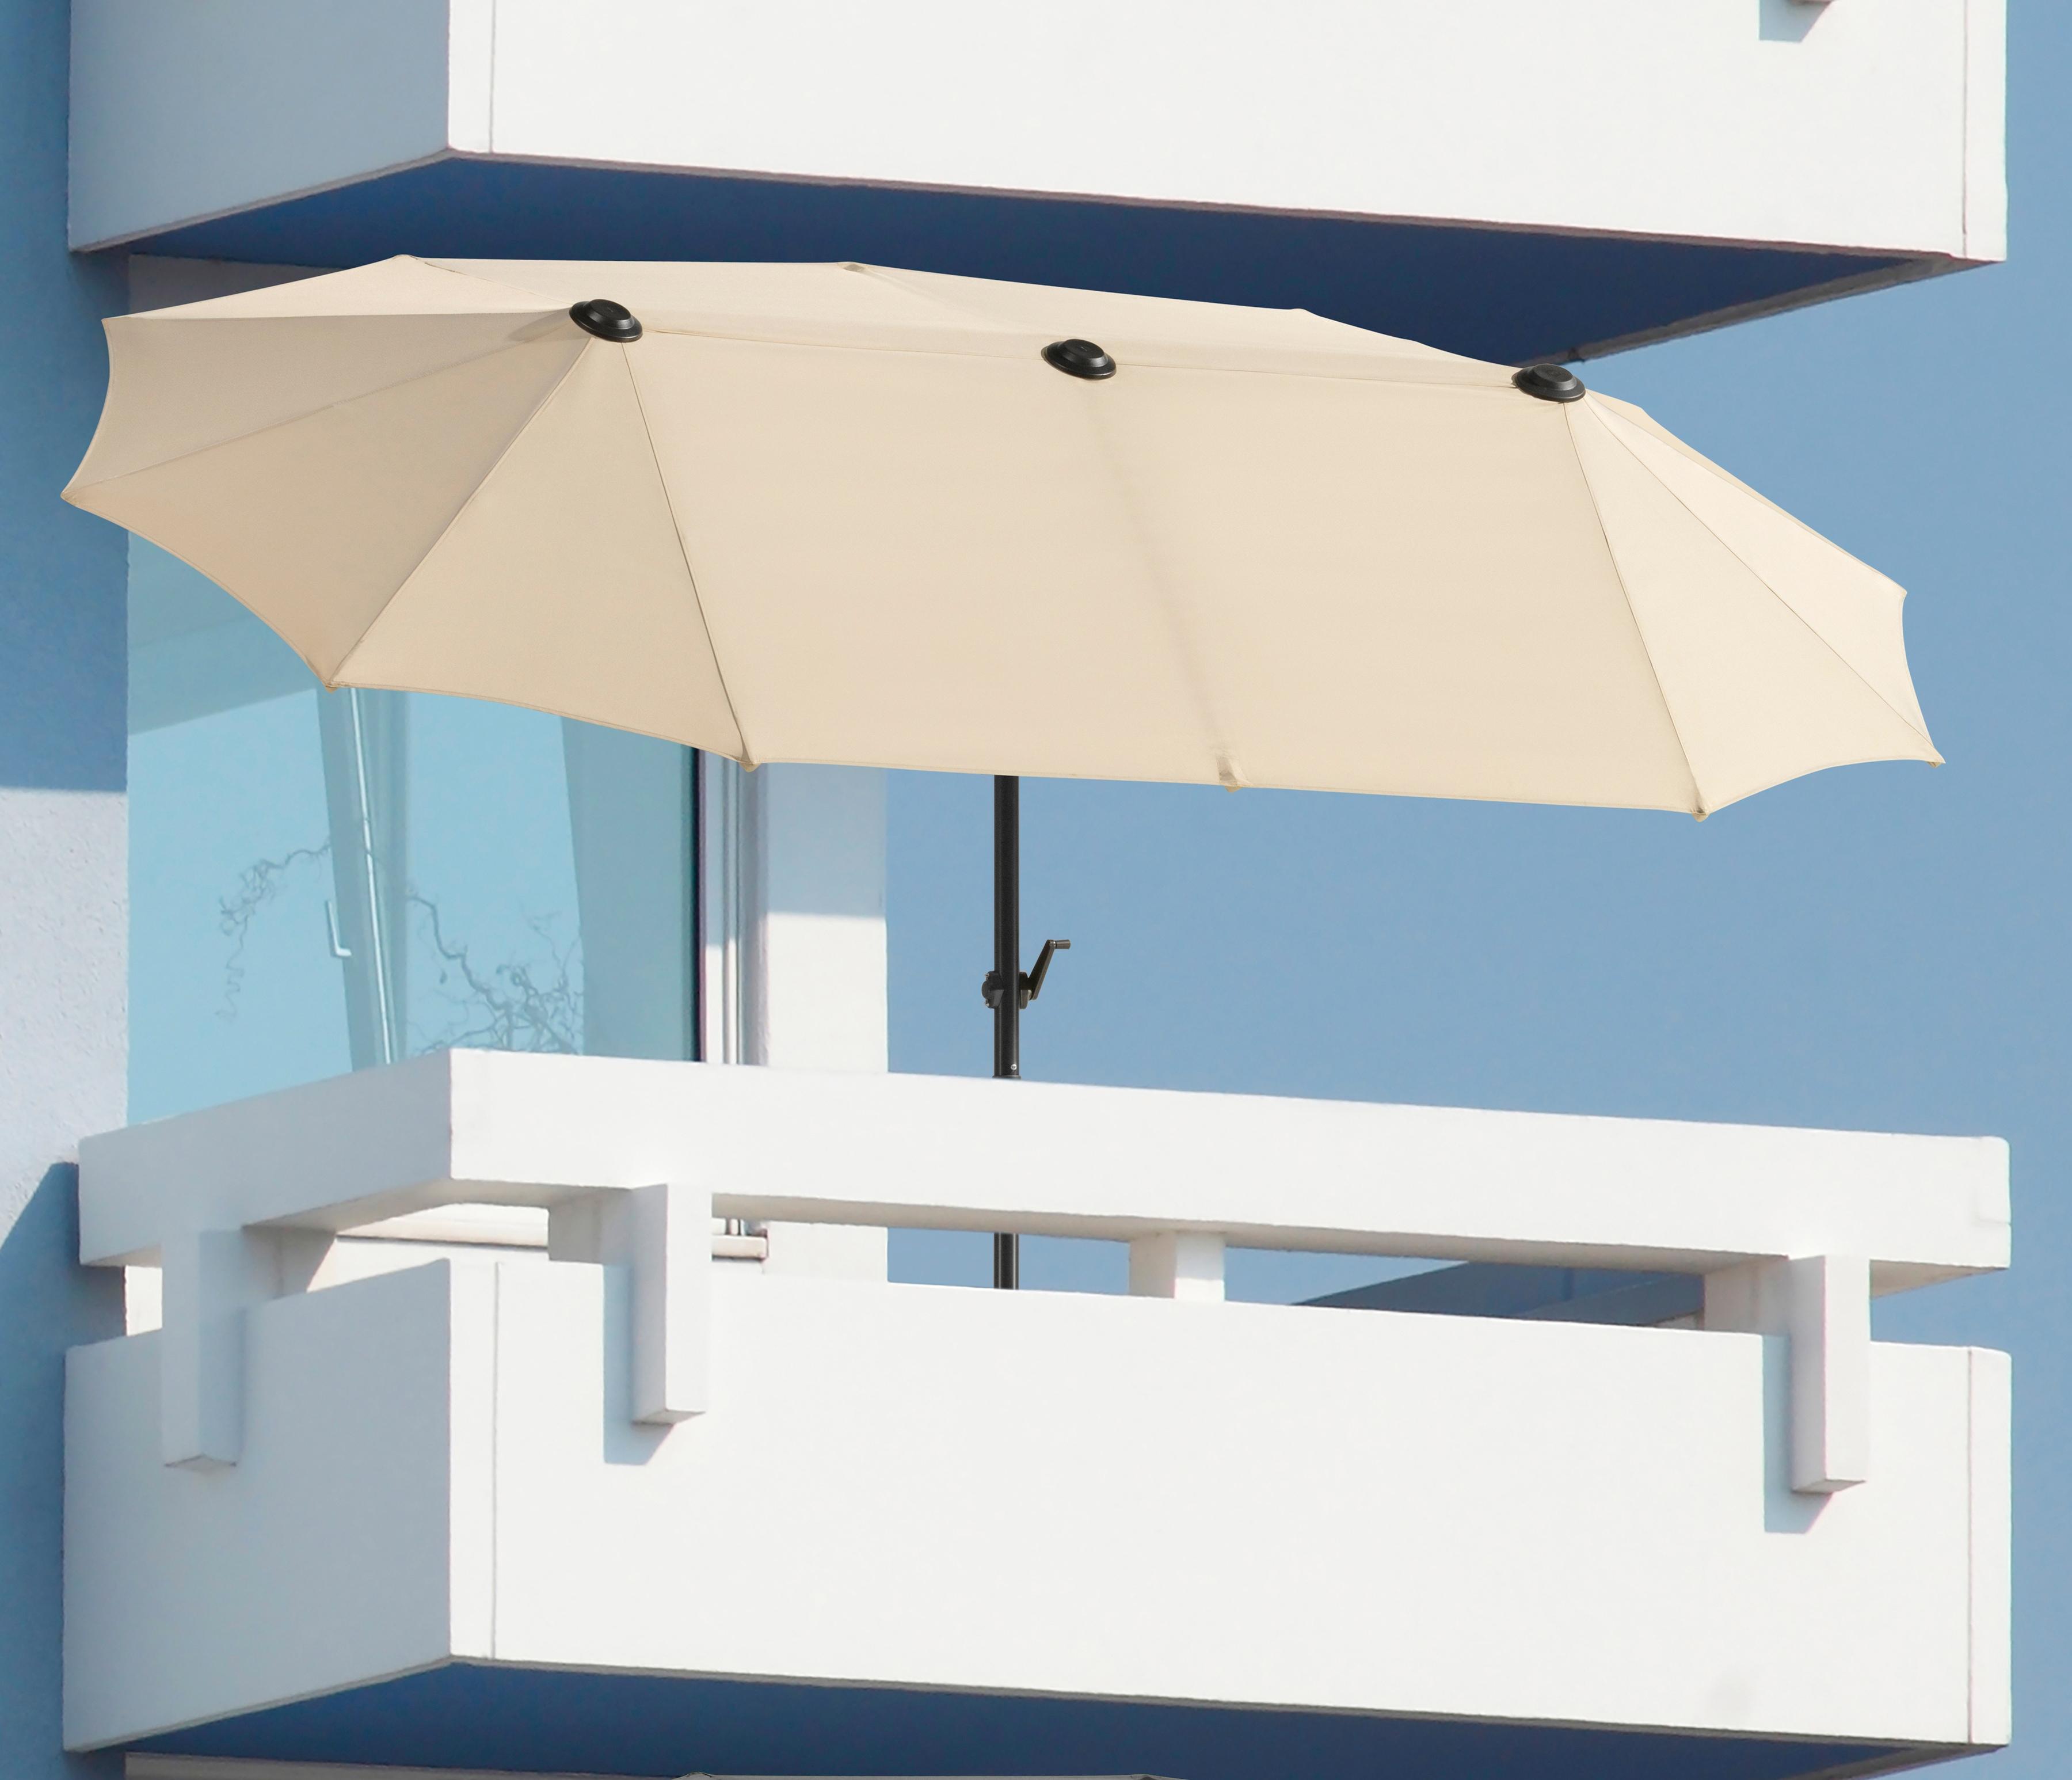 Schneider Schirme Balkonschirm Salerno, Inkl. Schutzhülle, ohne Schirmständer braun Sonnenschirme -segel Garten, Terrasse Balkon